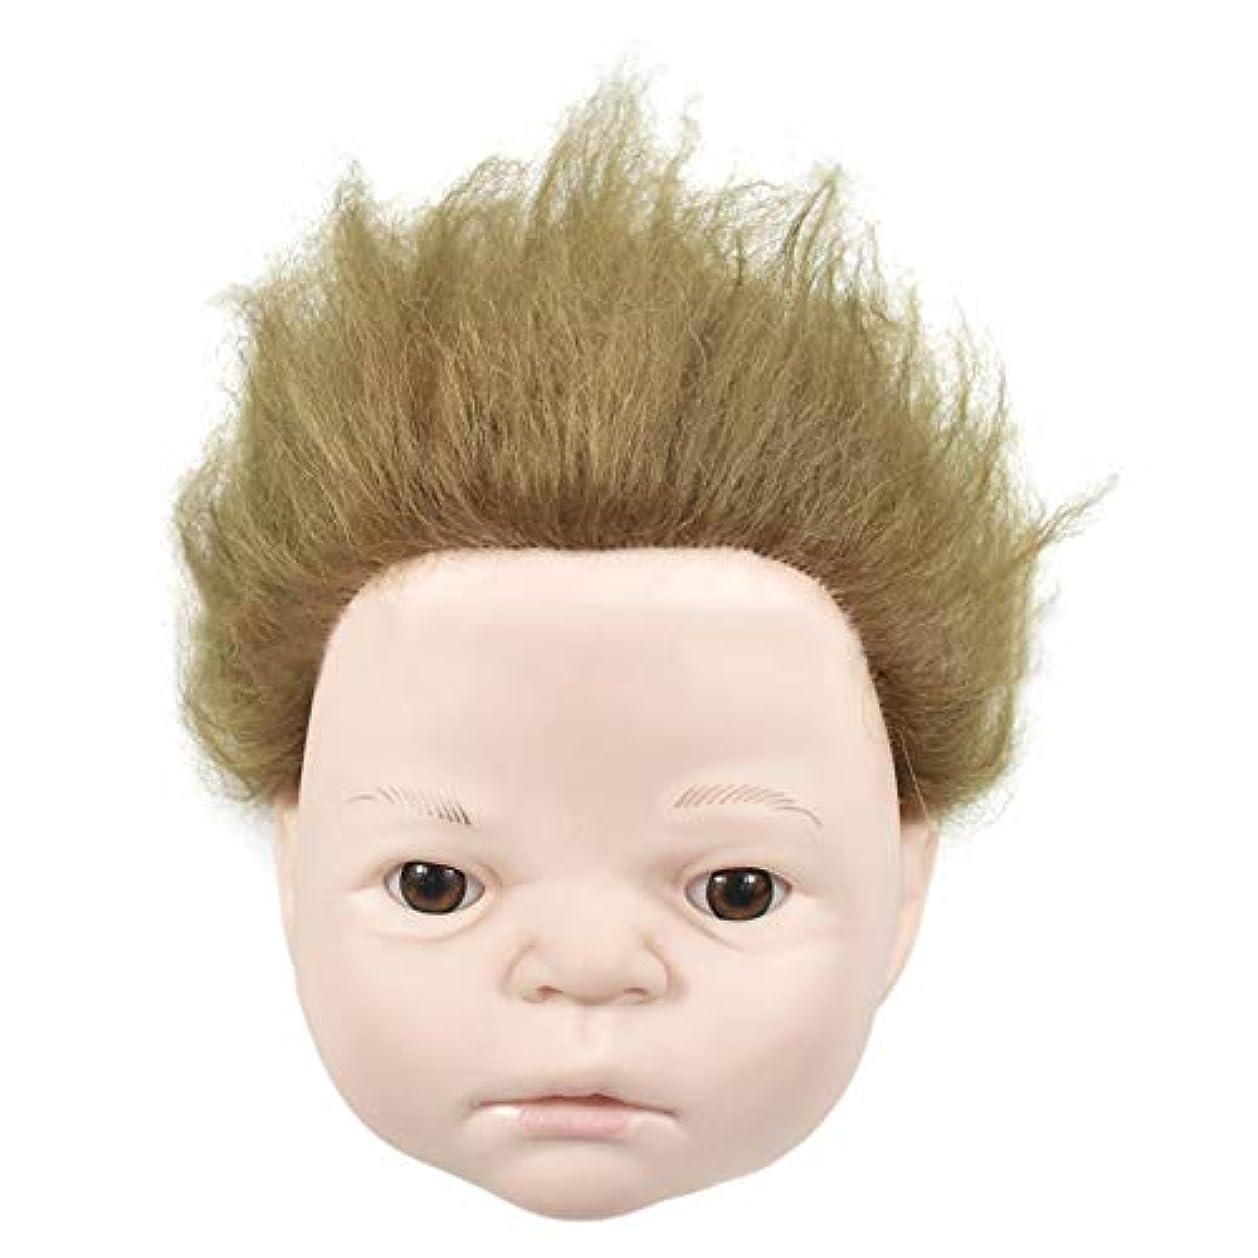 暗殺忍耐女性練習理髪散髪ヘッドモデルリアルヘアドールヘッド形状教育ヘッドサロン教育学習マネキンヘッド